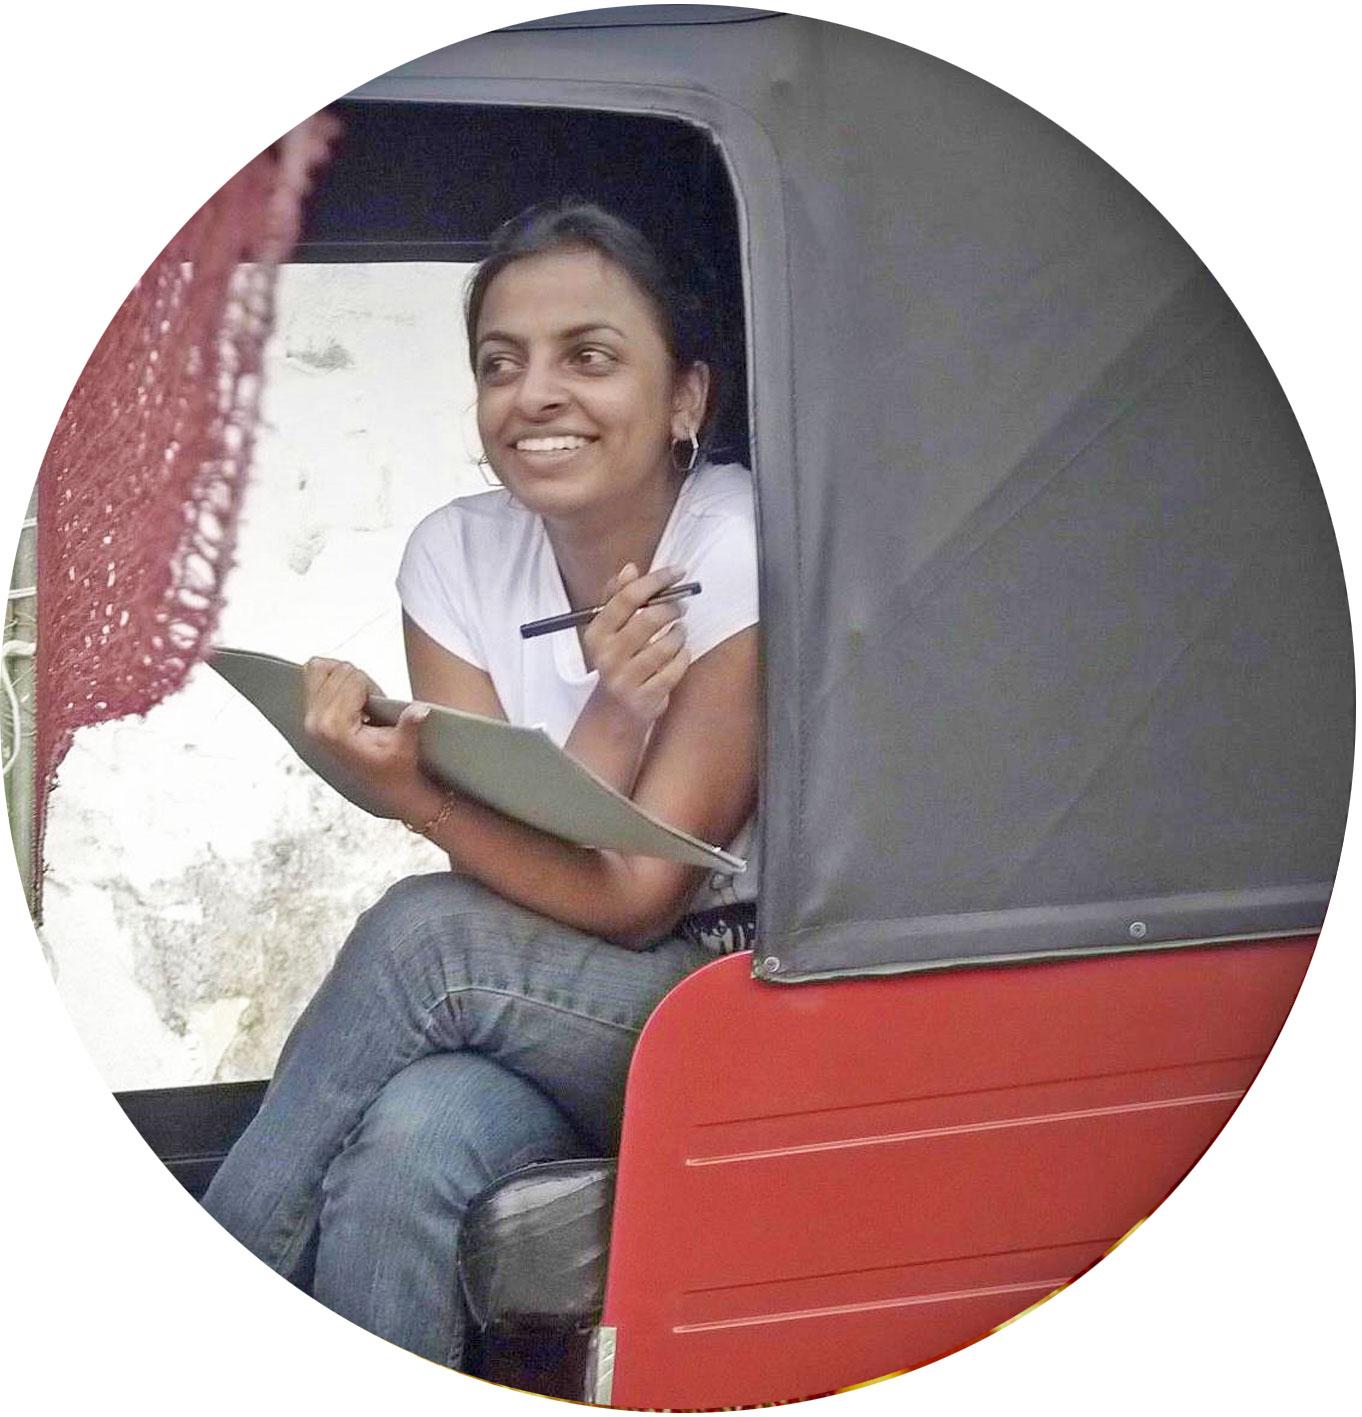 Sri Lanka – Kaushalya Kathireson